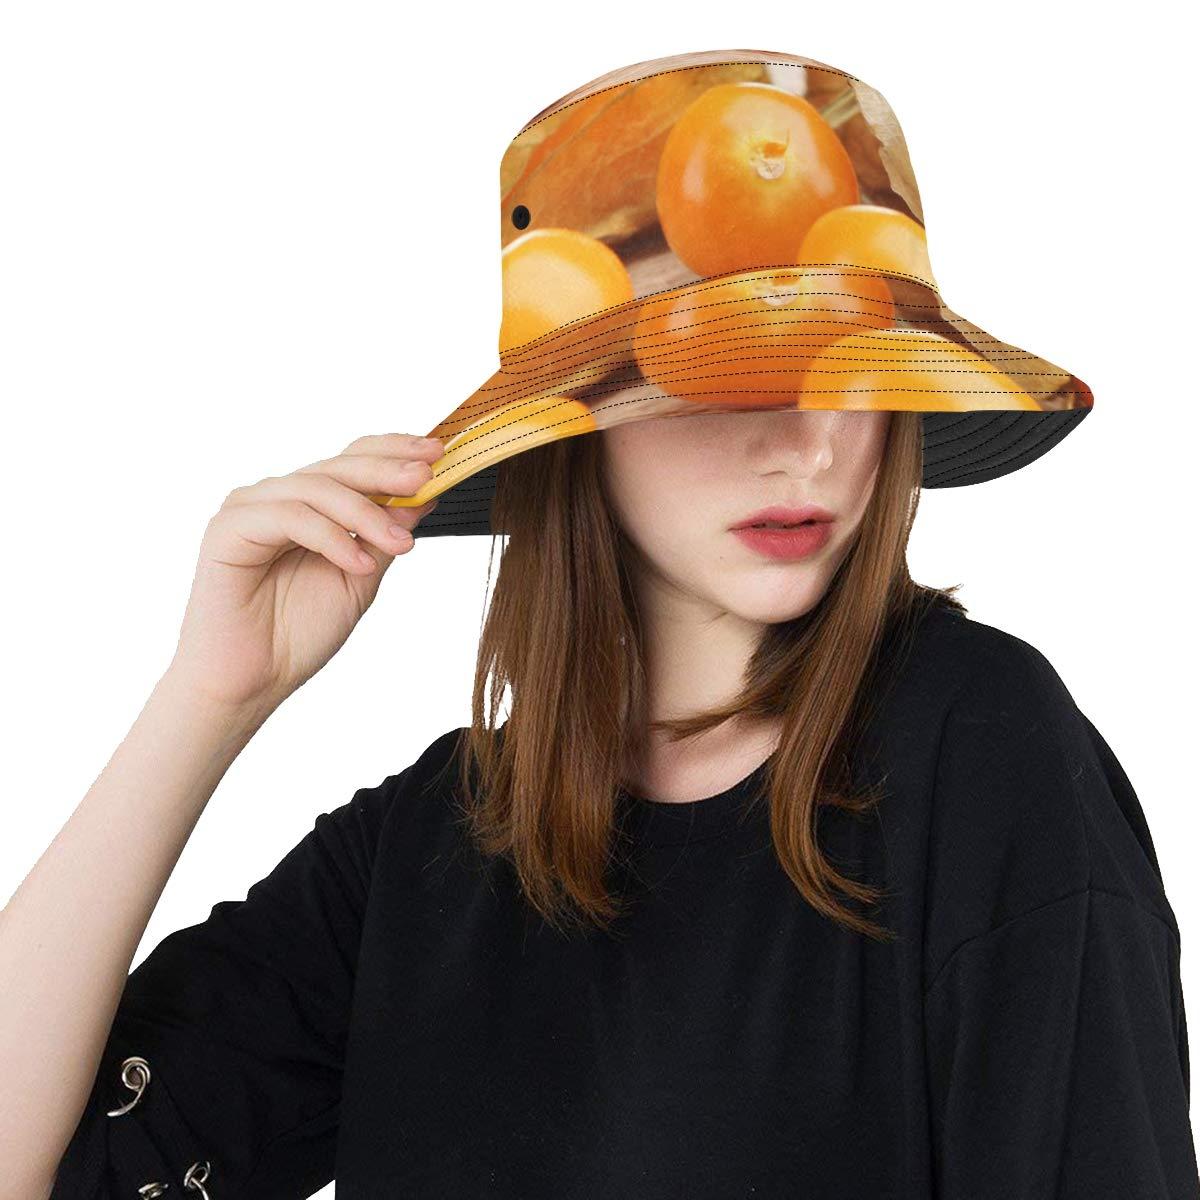 Golden Berries Popular Summer Unisex Fishing Sun Top Bucket Hats for Kid Teens Women and Men with Packable Fisherman Cap for Outdoor Baseball Sport Picnic